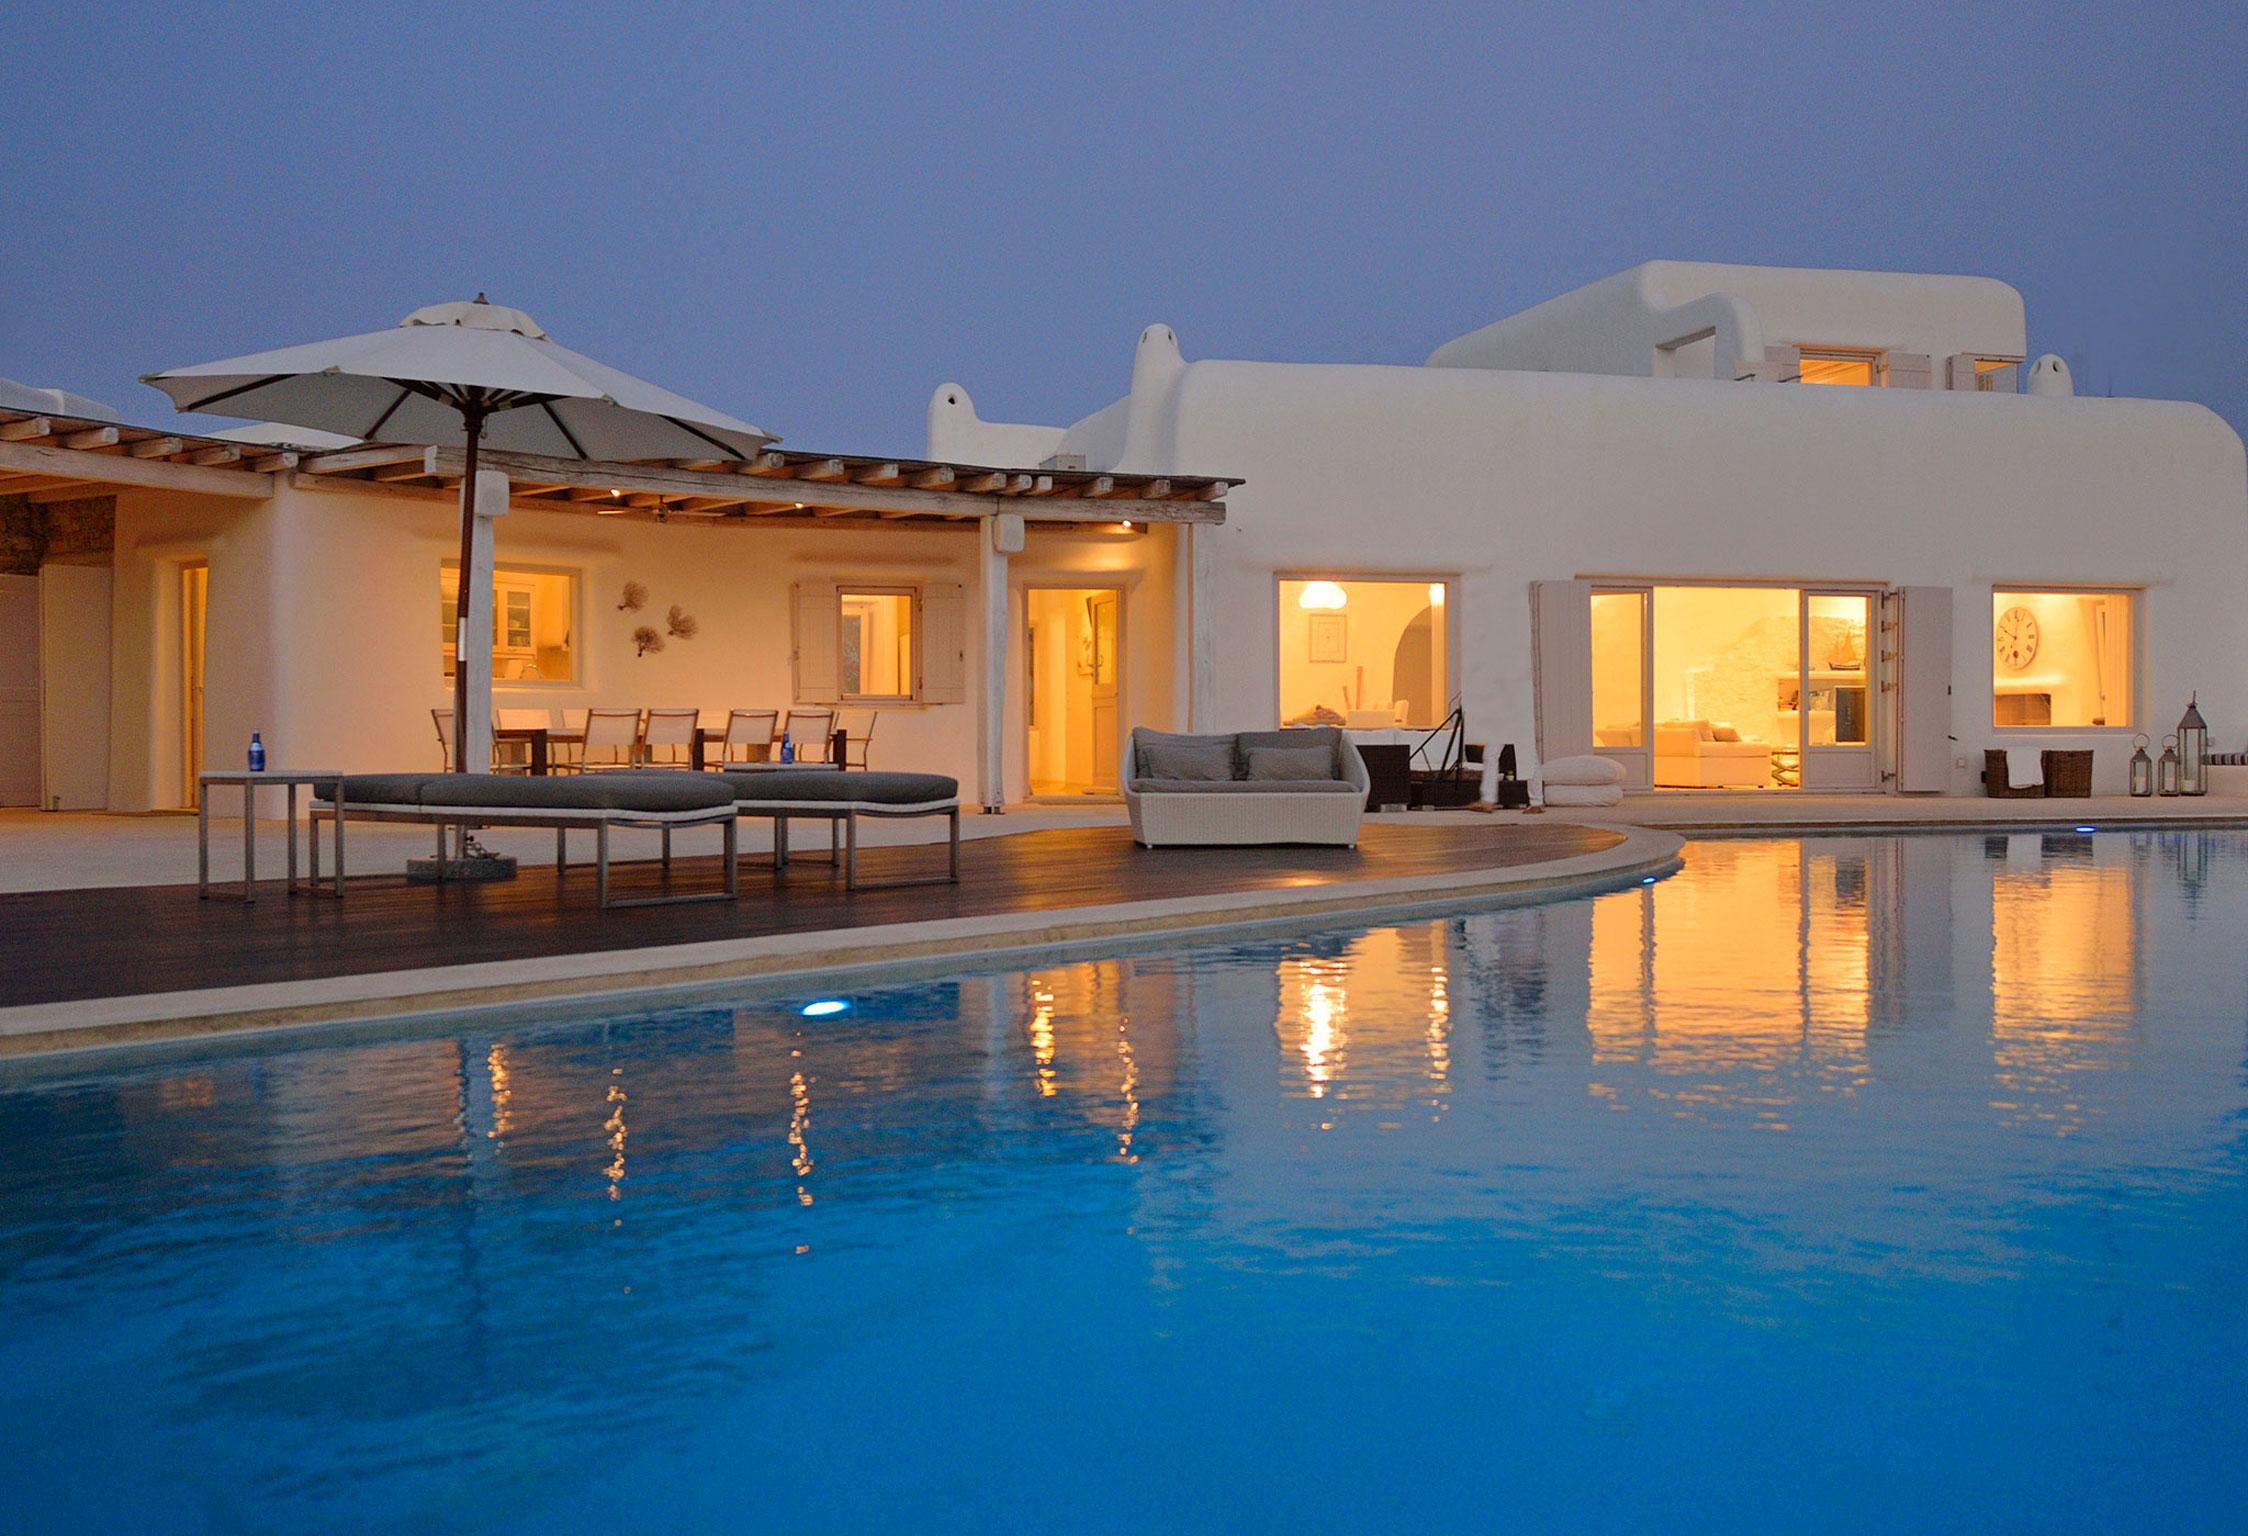 Mykonos Villa Aigle jumbotron image